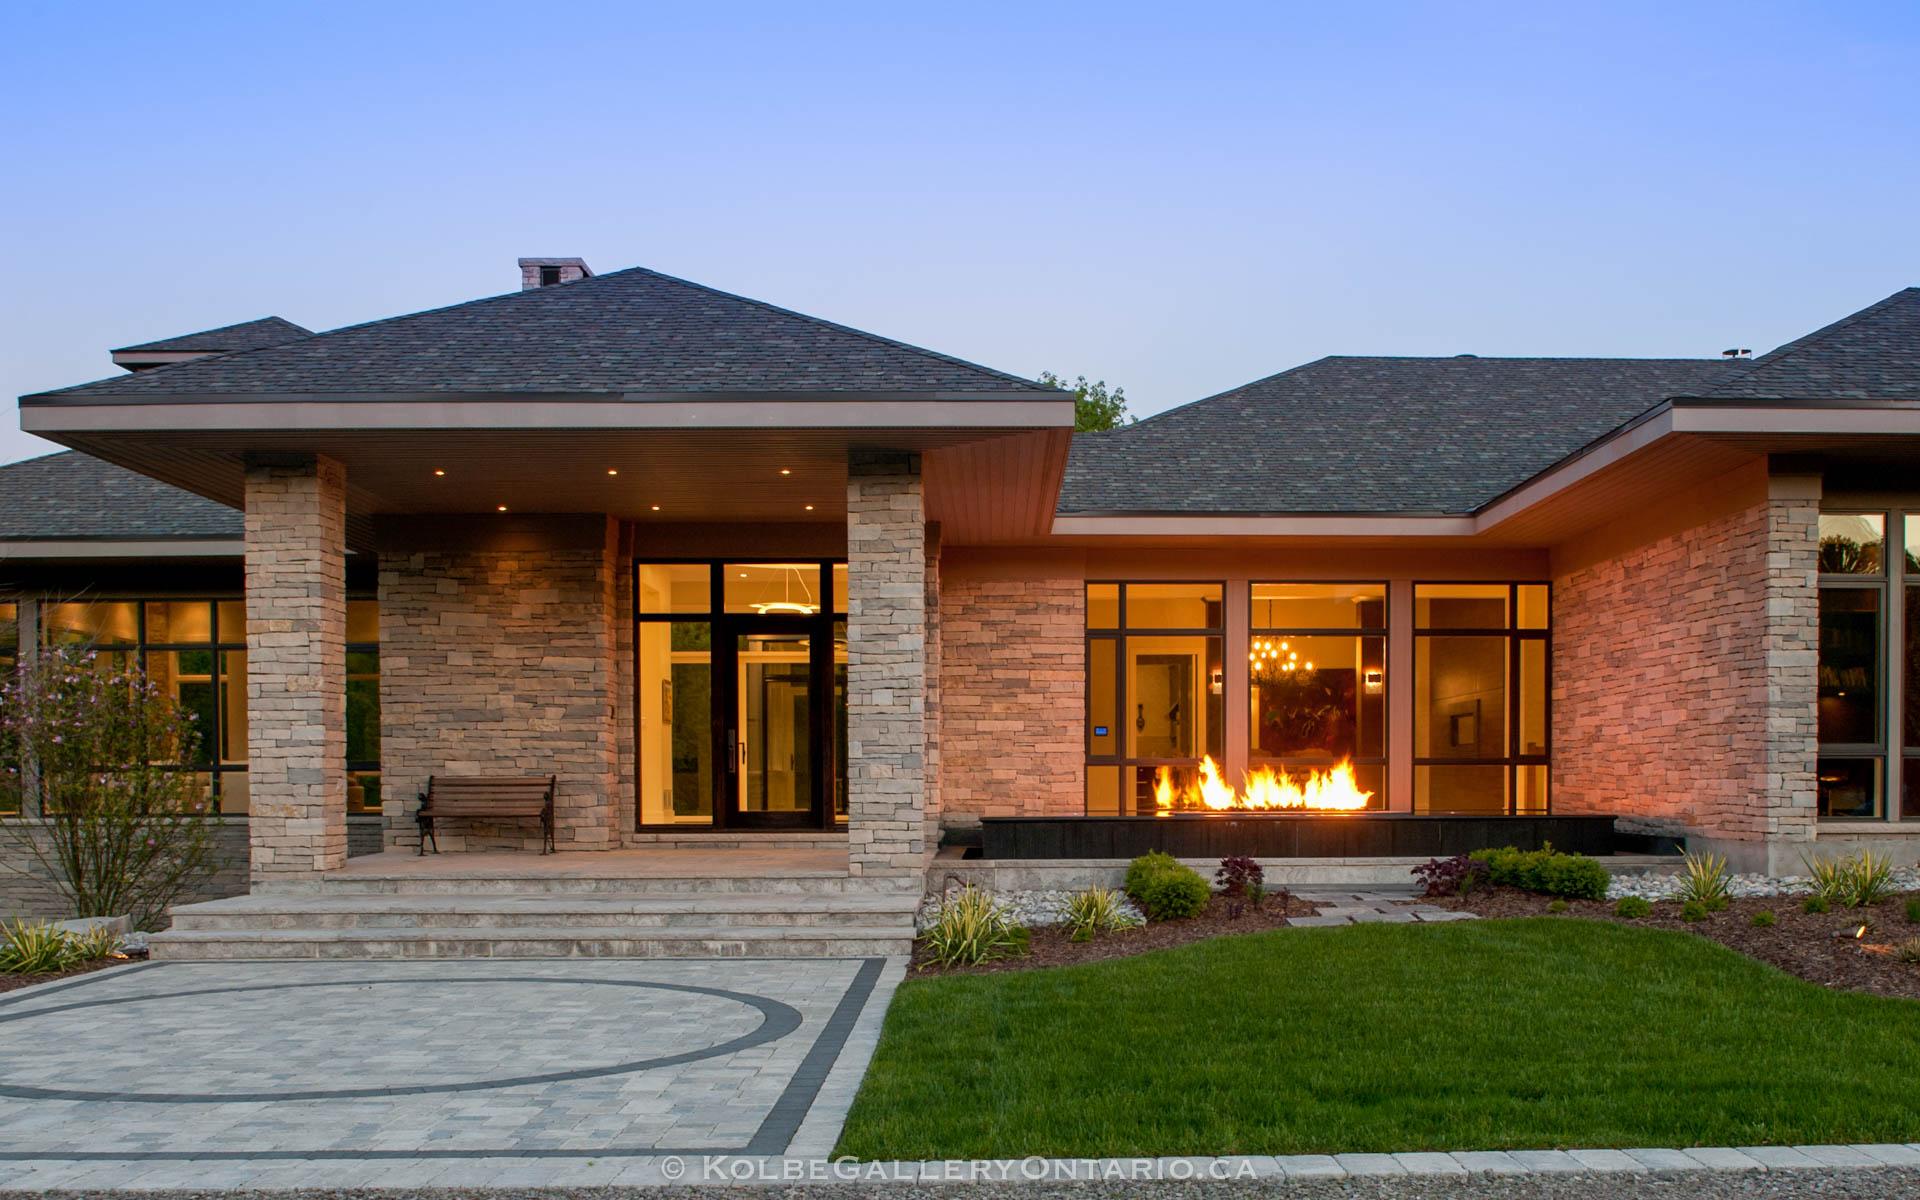 KolbeGalleryOntario.ca-windows-and-doors-backgrounds-20110602-210444